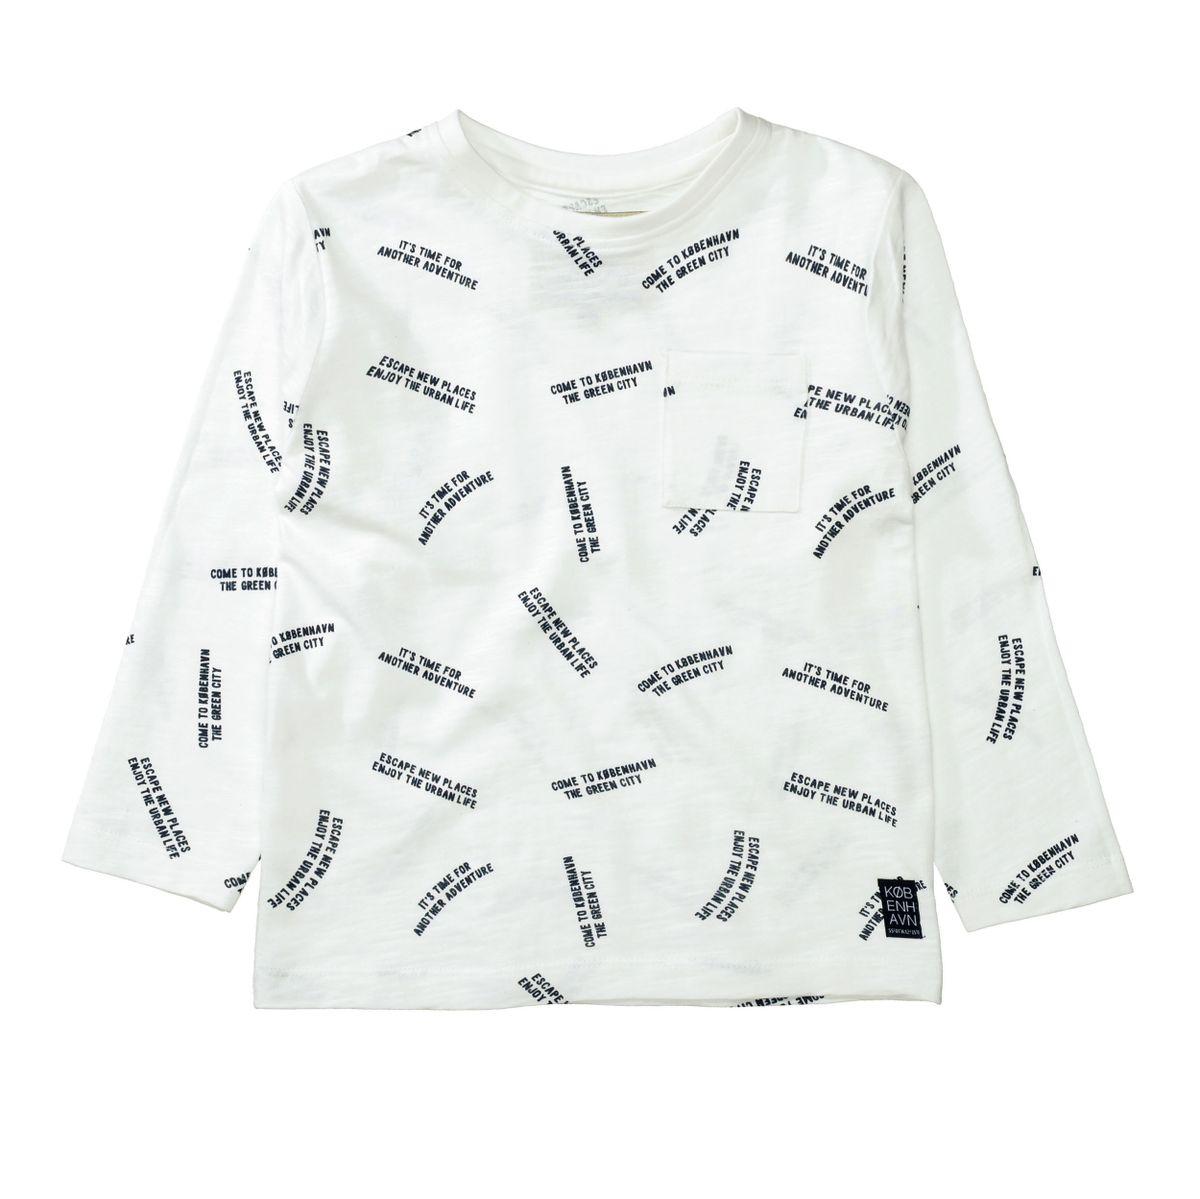 BASEFIELD Langarmshirt mit Wording-Print - Warm White